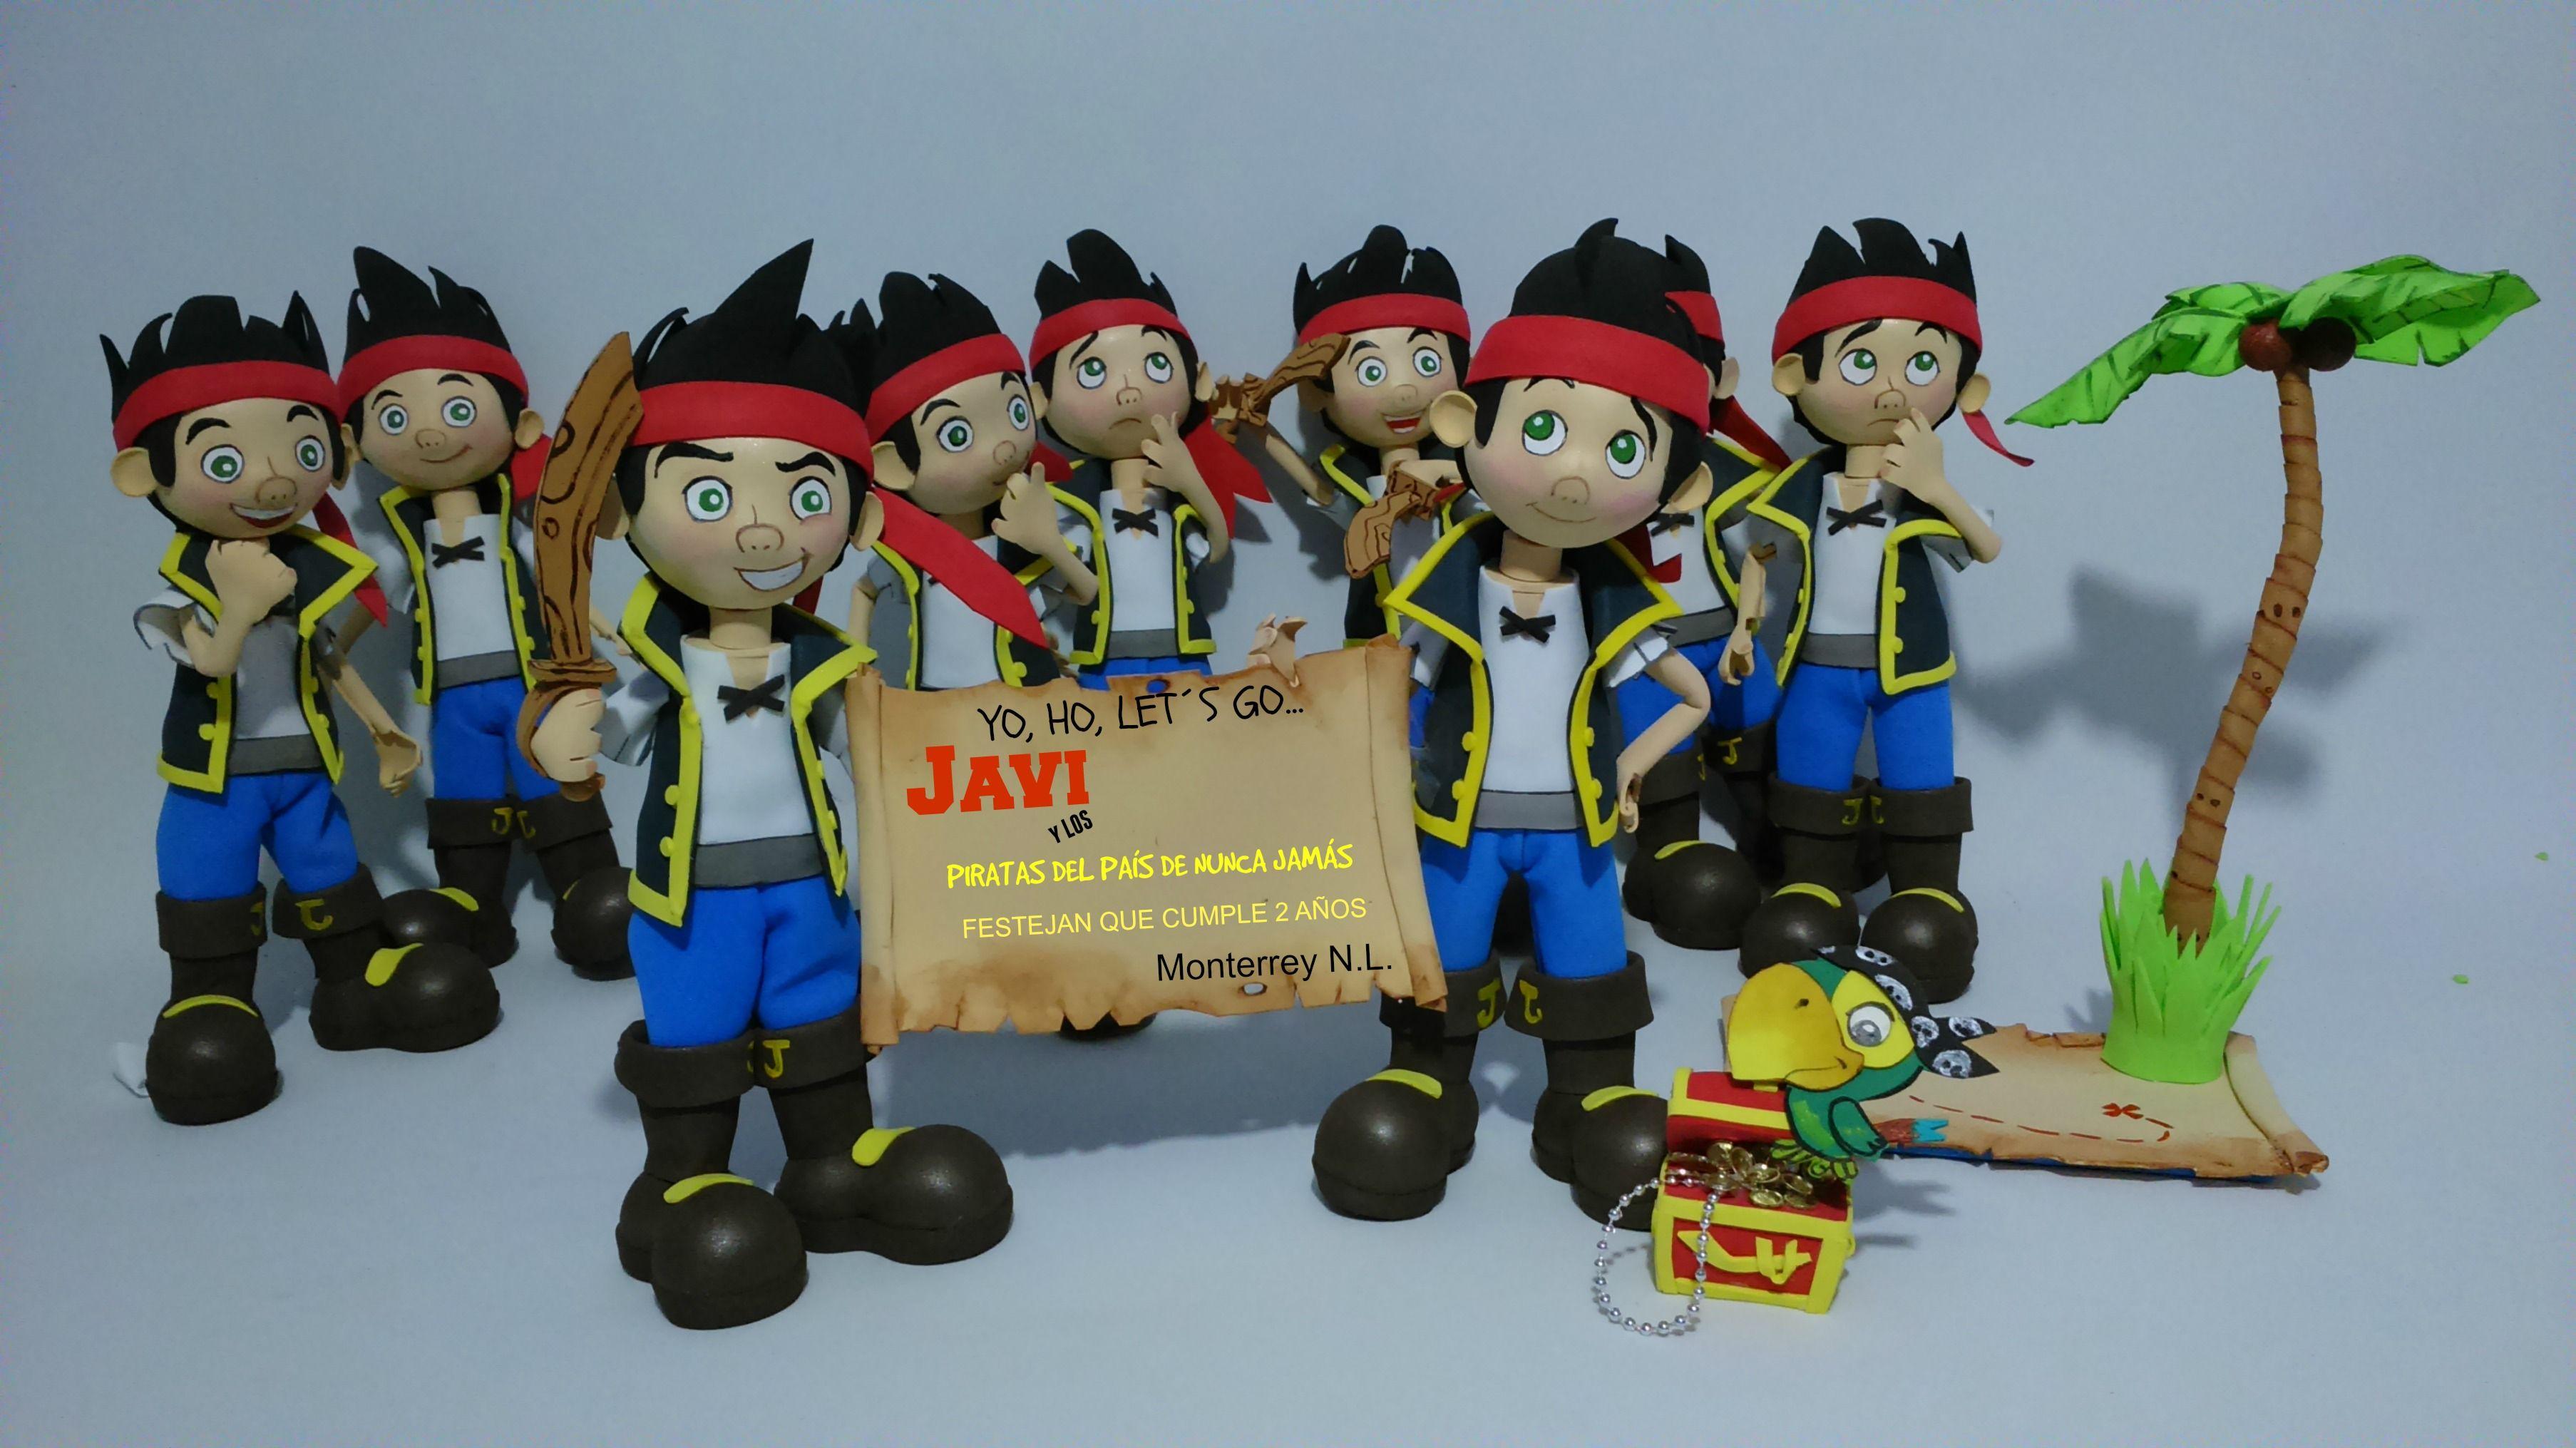 JAKE Y LOS PIRATAS DE NUNCA JAMAS!!!  Todos los diseños, realizado en foami  se encuentran basados en los personajes originales. Los Derechos de los mismos pertenecen al autor del personaje